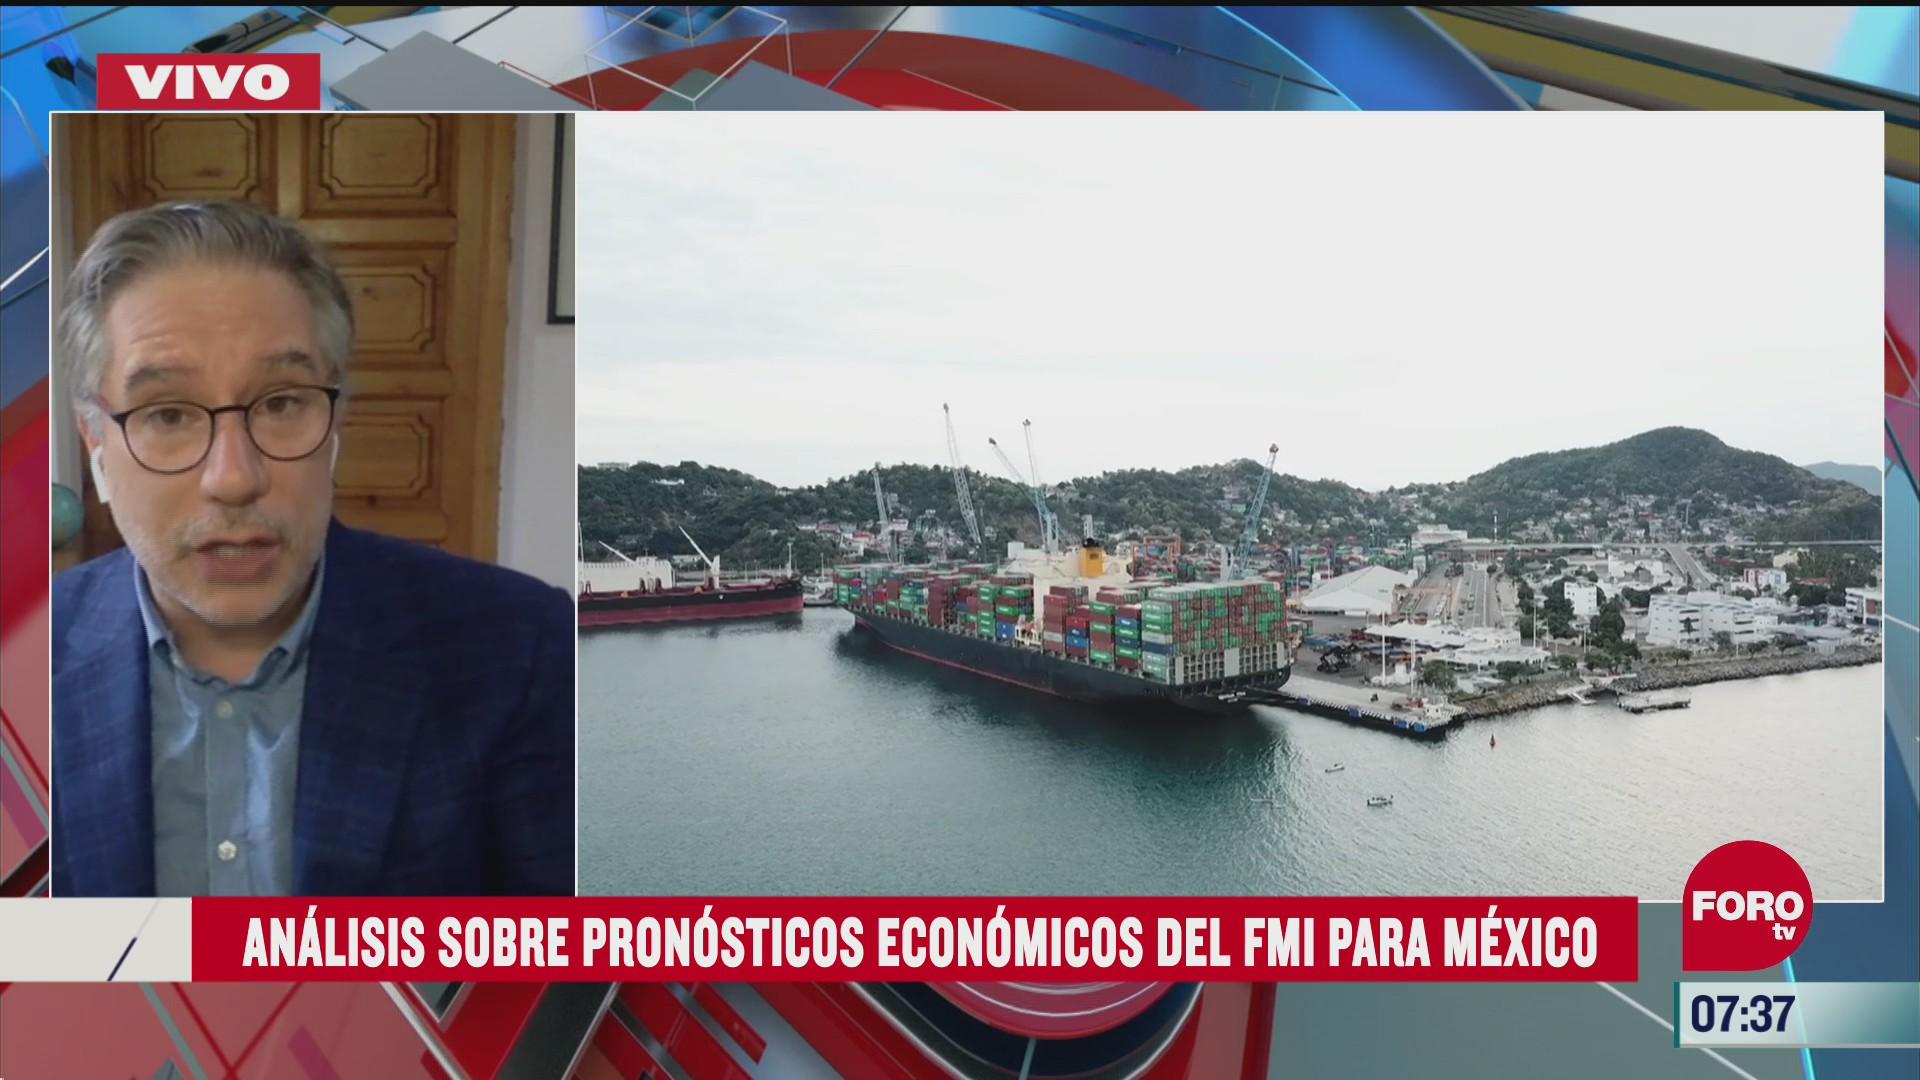 predicciones economicas del fmi sobre mexico